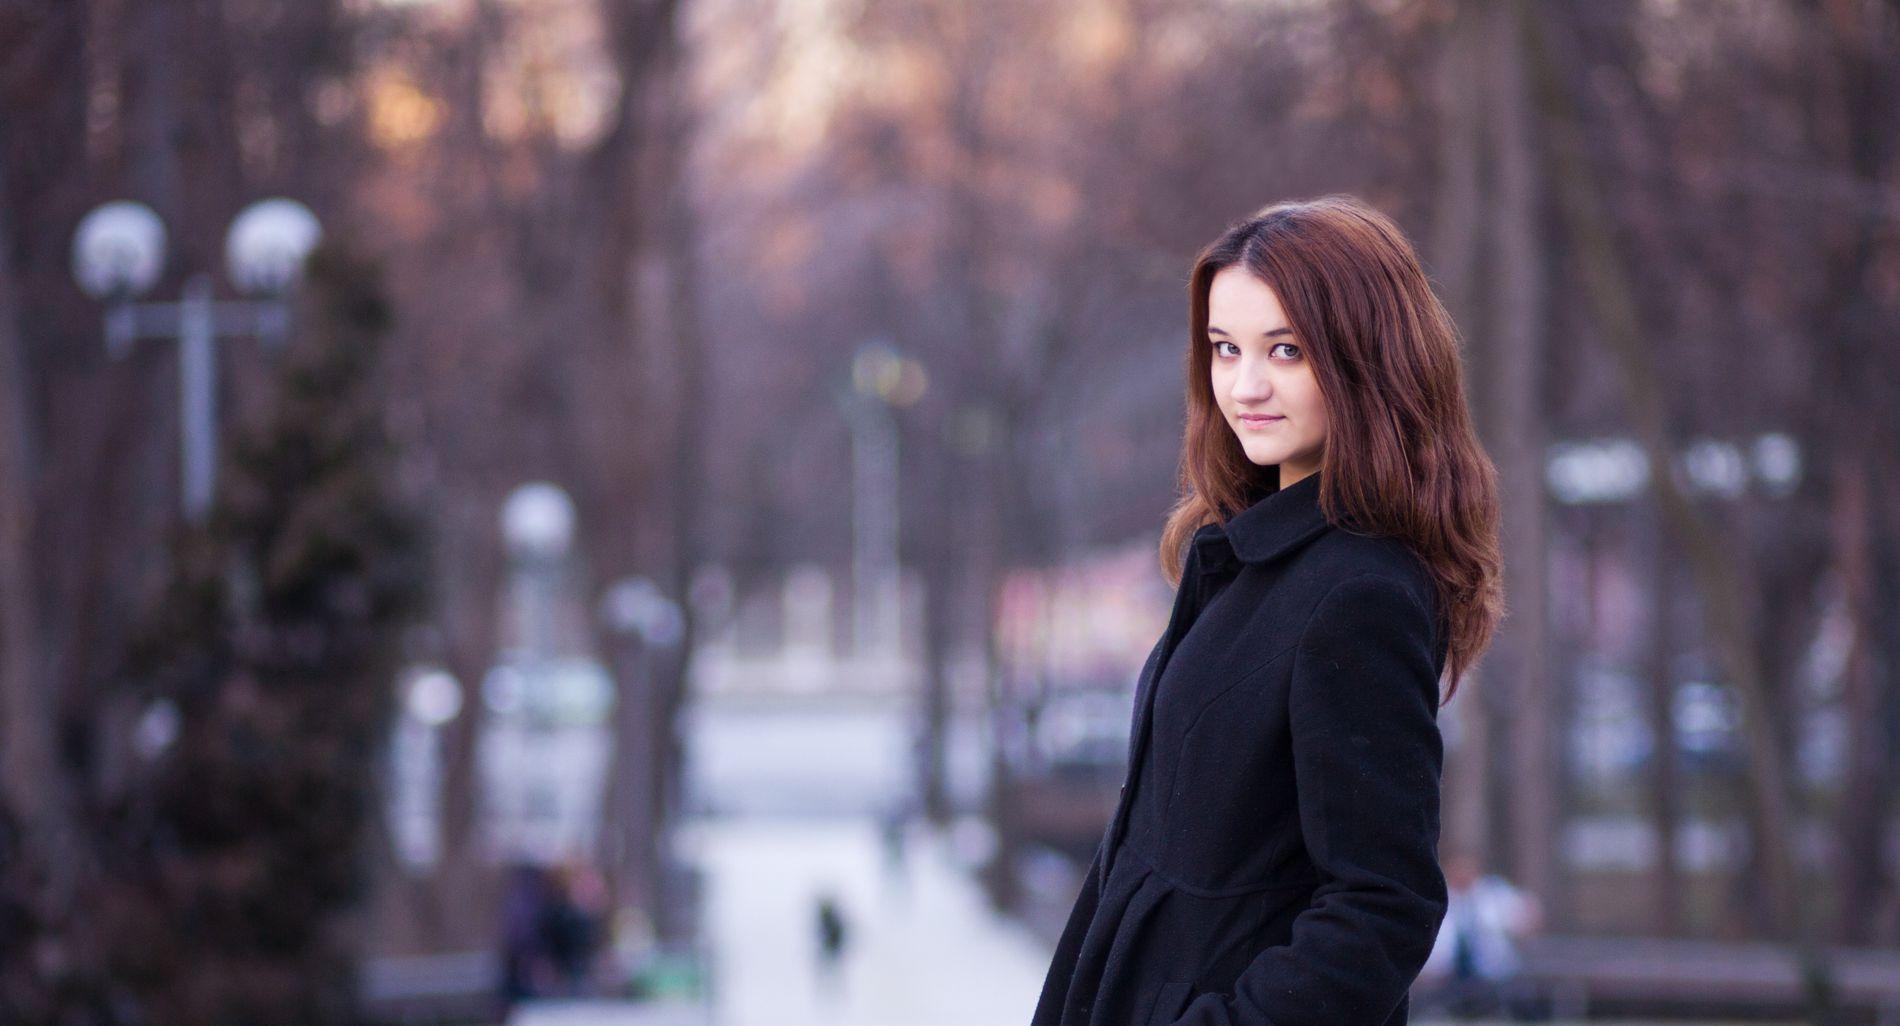 Лучшие позы для фотосессии зимой на улице   35 фото (25)